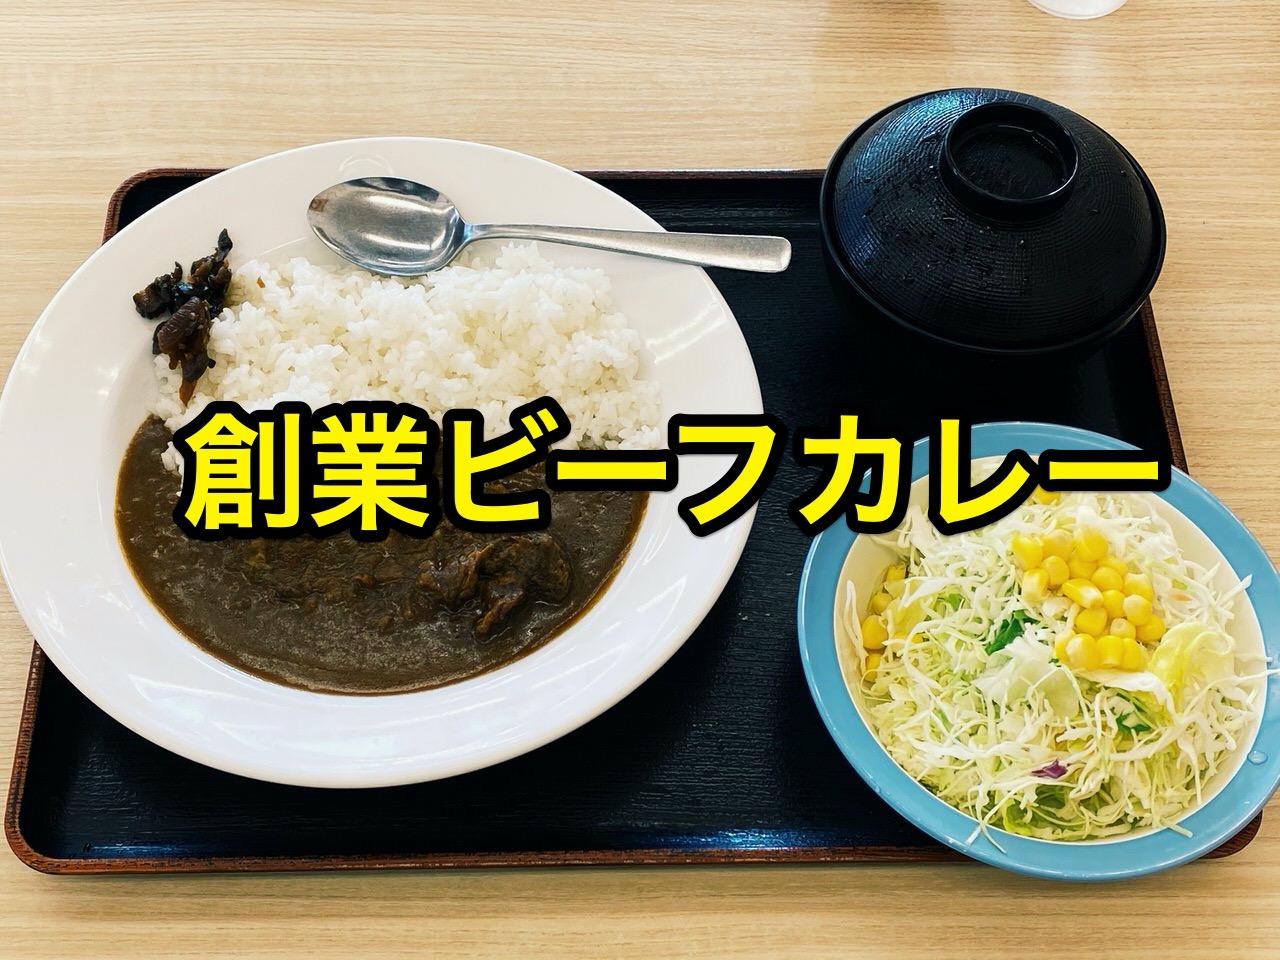 【松屋】オリジナルカレーからバトンタッチした「創業ビーフカレー」を食べてみた